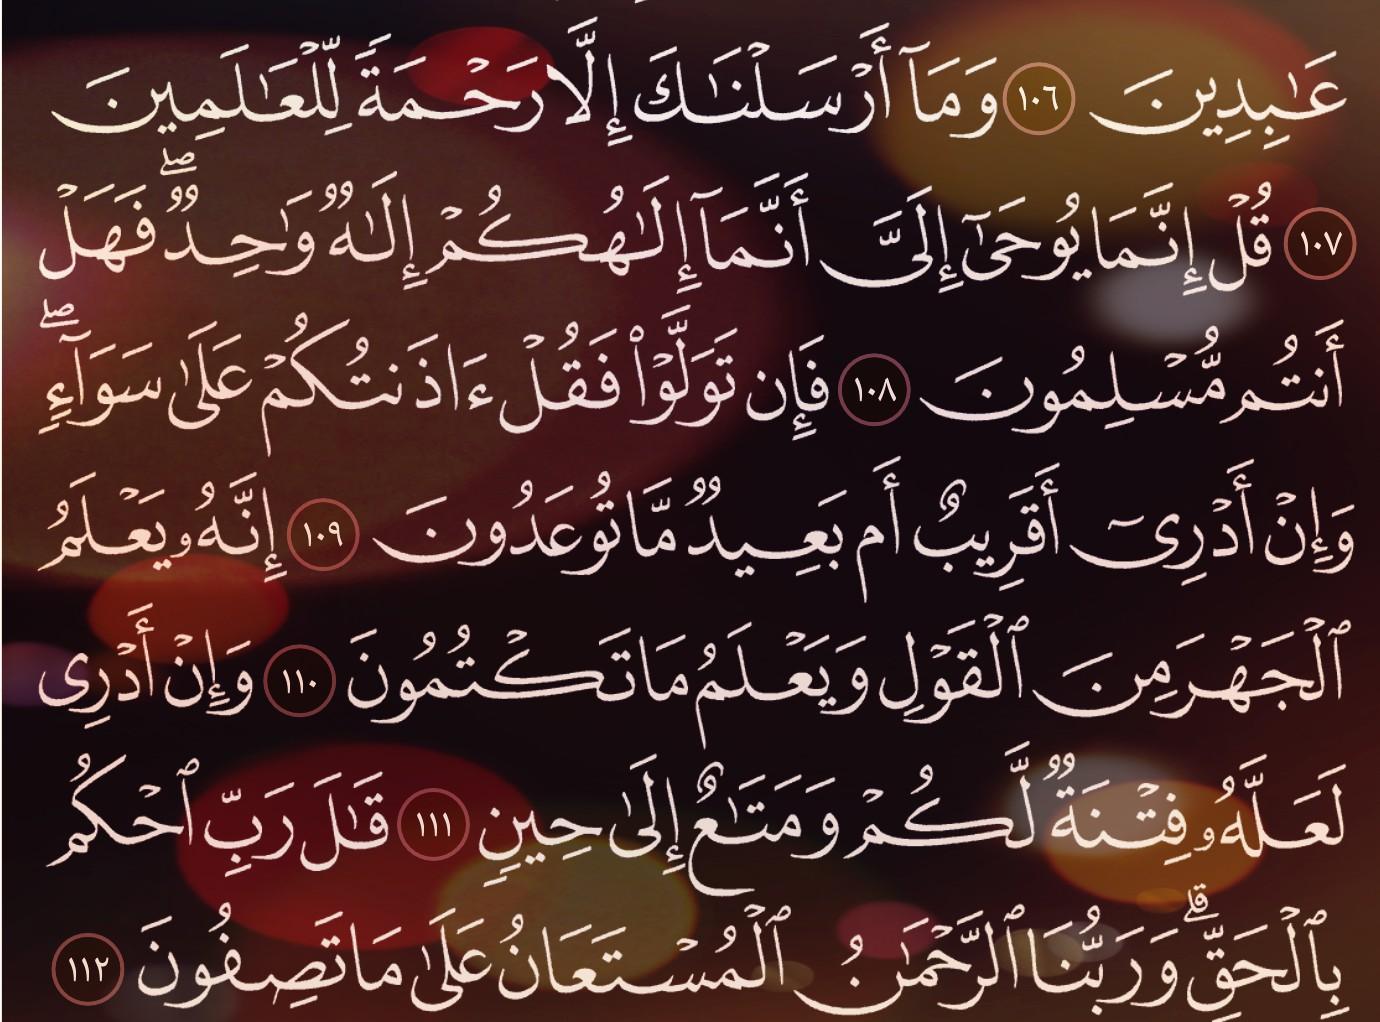 شرح وتفسير سورة الأنبياء surah al-anbiya ( من الآية 102 إلى الاية 112 )